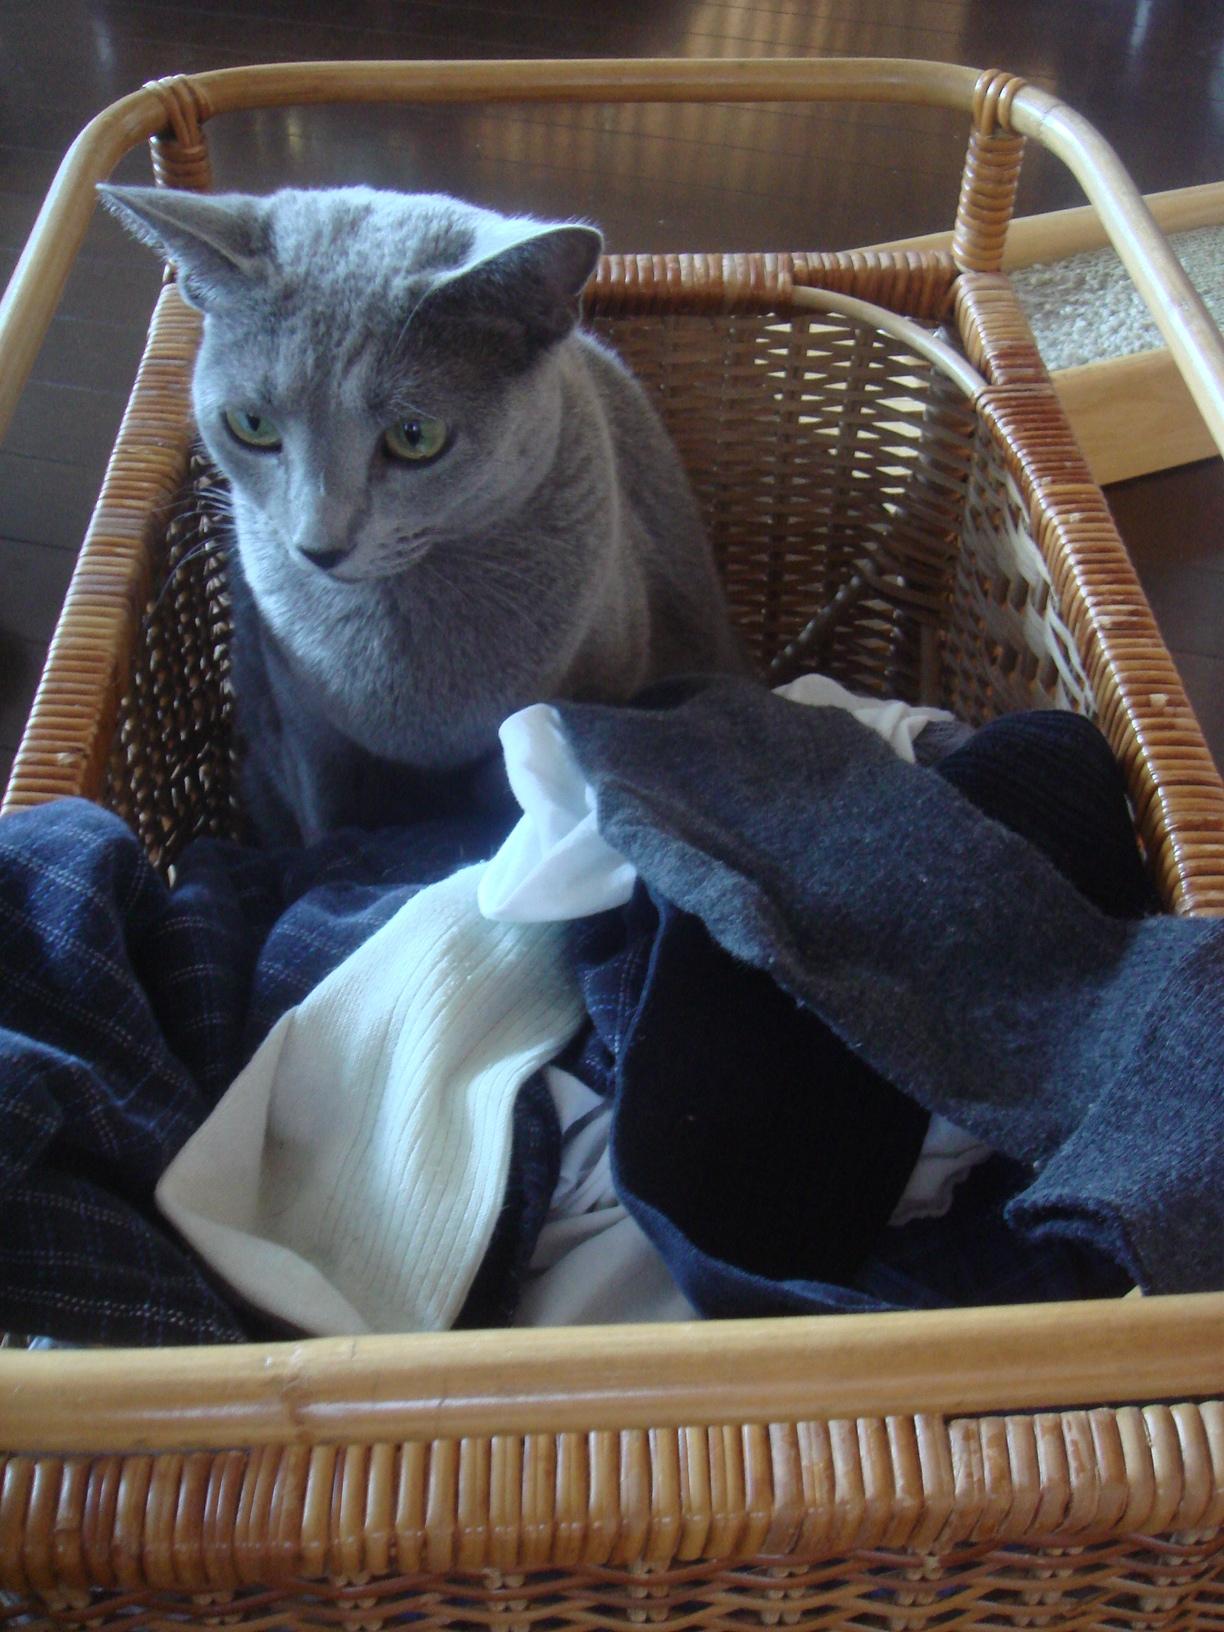 乾燥した洗濯物が入ったカゴに入りくつろぐデイジー